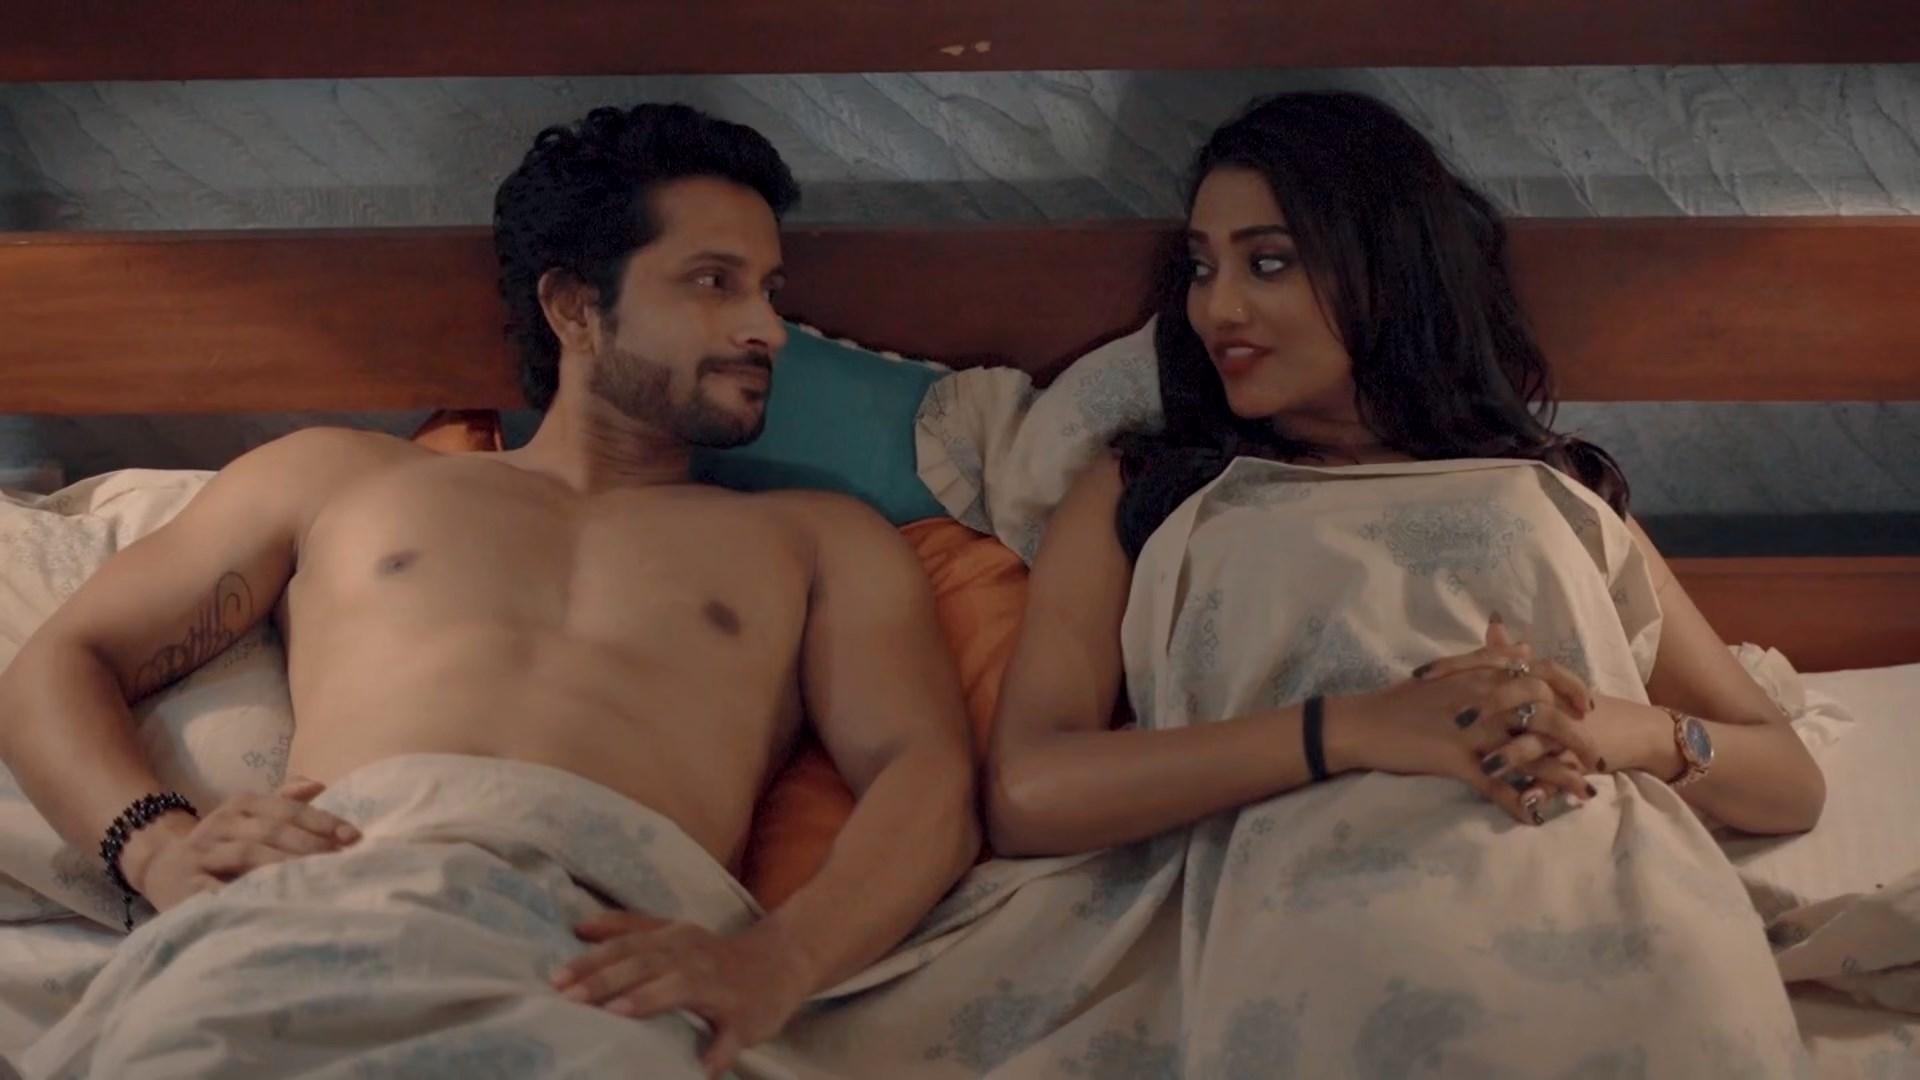 FFSTHT 24 - 18+Faasla (2020) HotShots Originals Hindi Short Film 720p HDRip 160MB x264 AAC